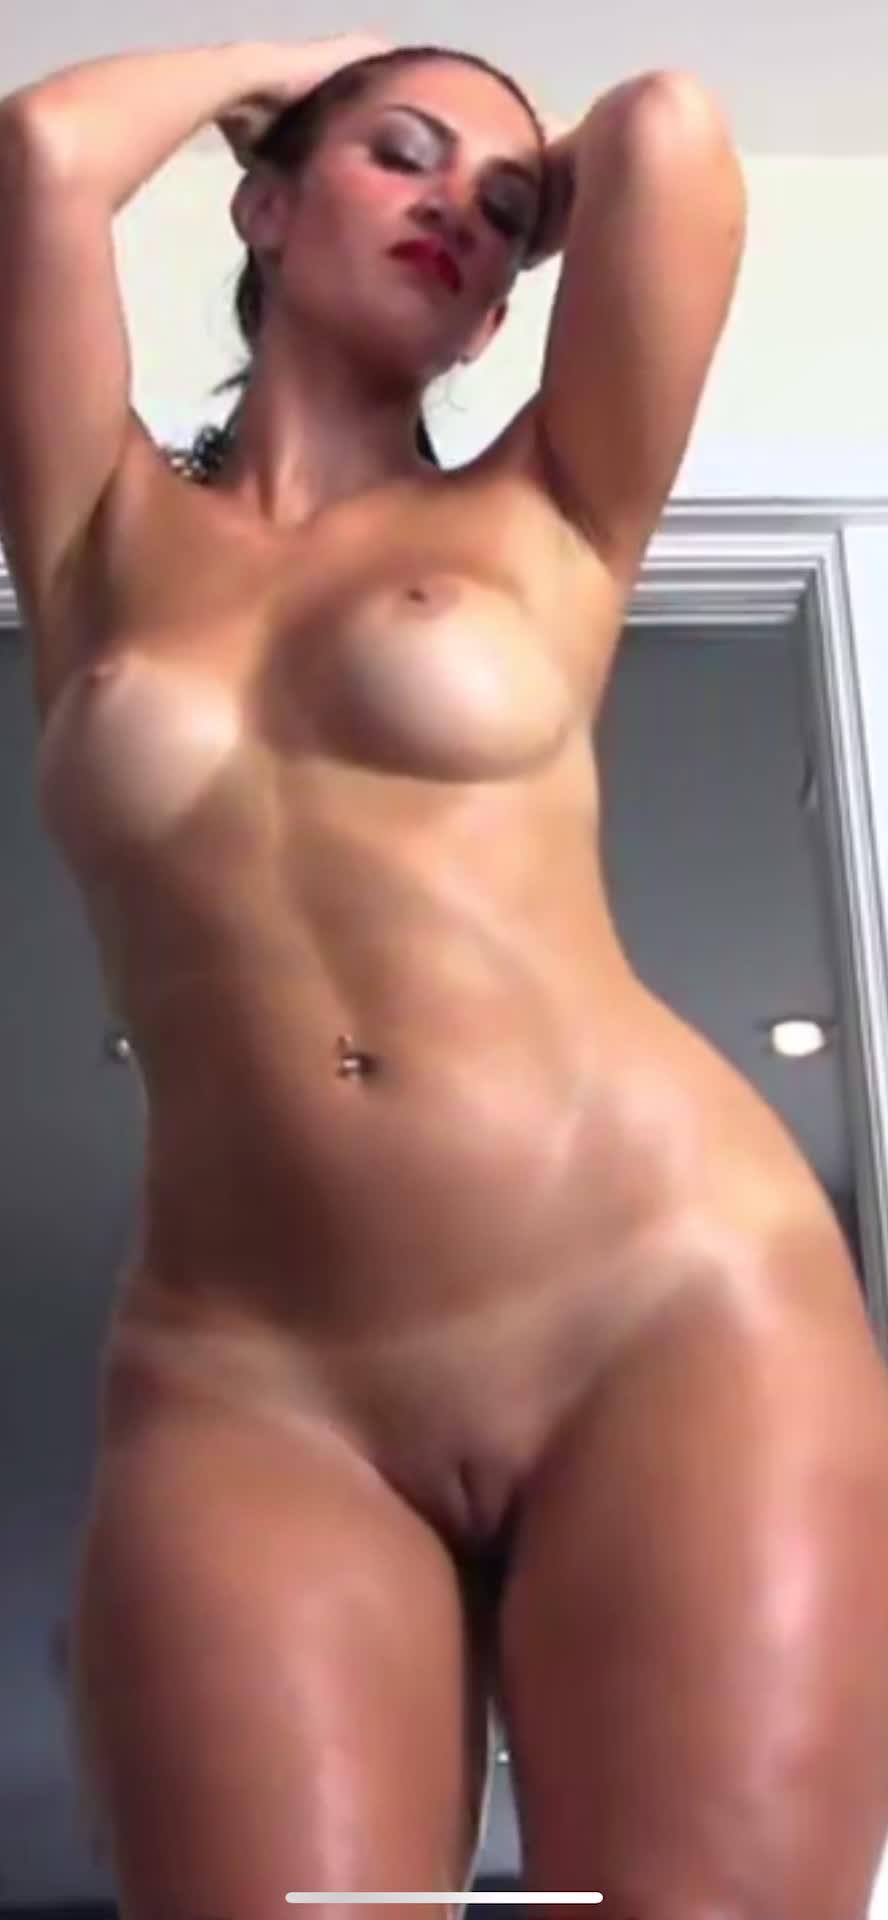 Naked Teen Girl Dance Gif